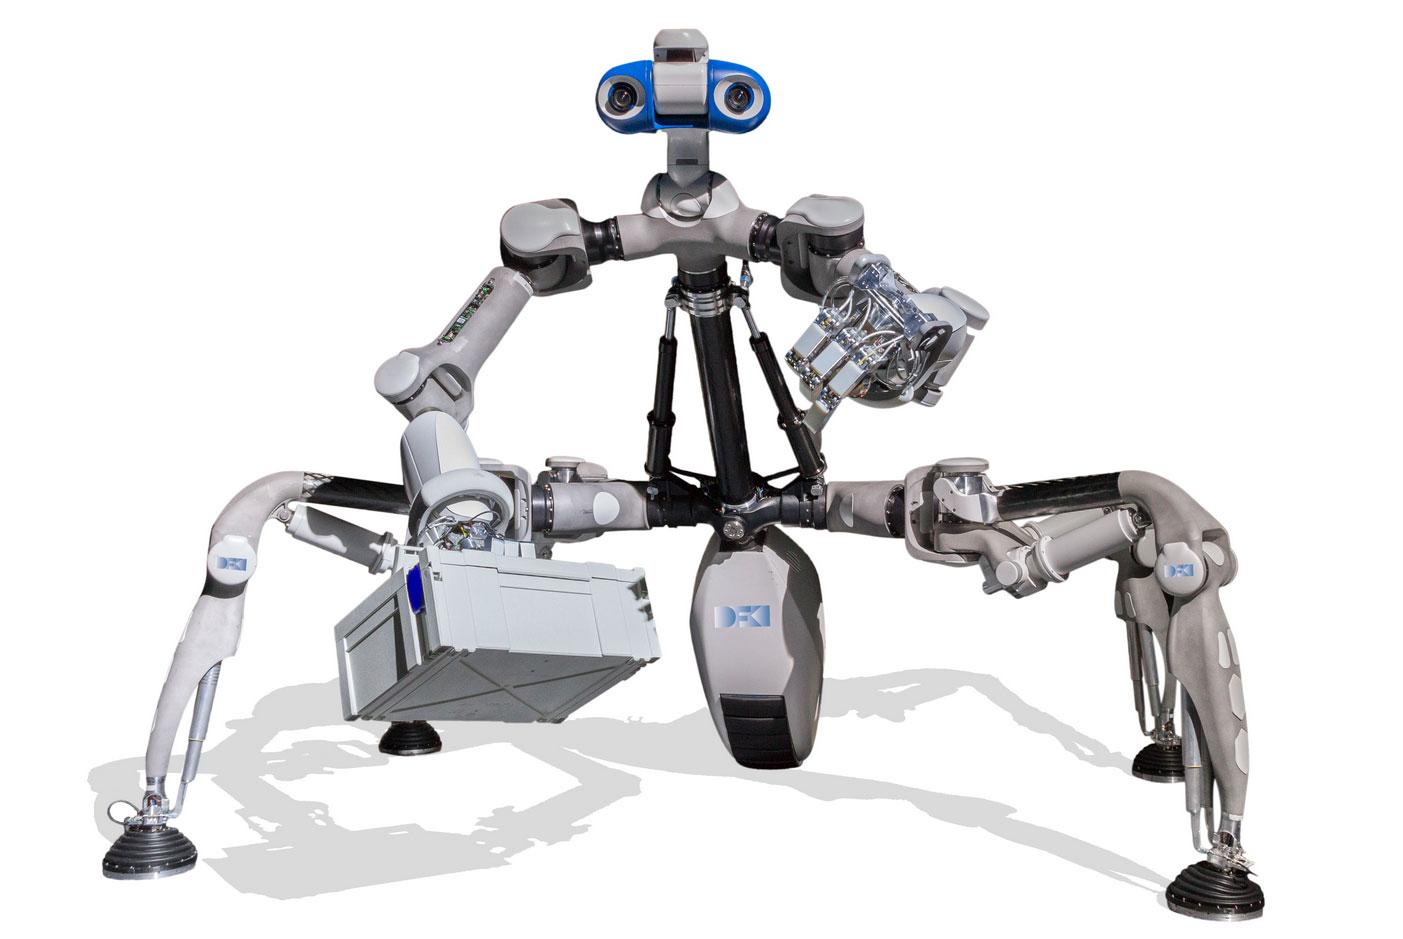 Der Laufroboter MANTIS in einer aufrecht stehenden Haltung, um die Fähigkeiten zur zwei-arm Manipulation zu nutzen Quelle: DFKI GmbH; Foto: Annemarie Hirth